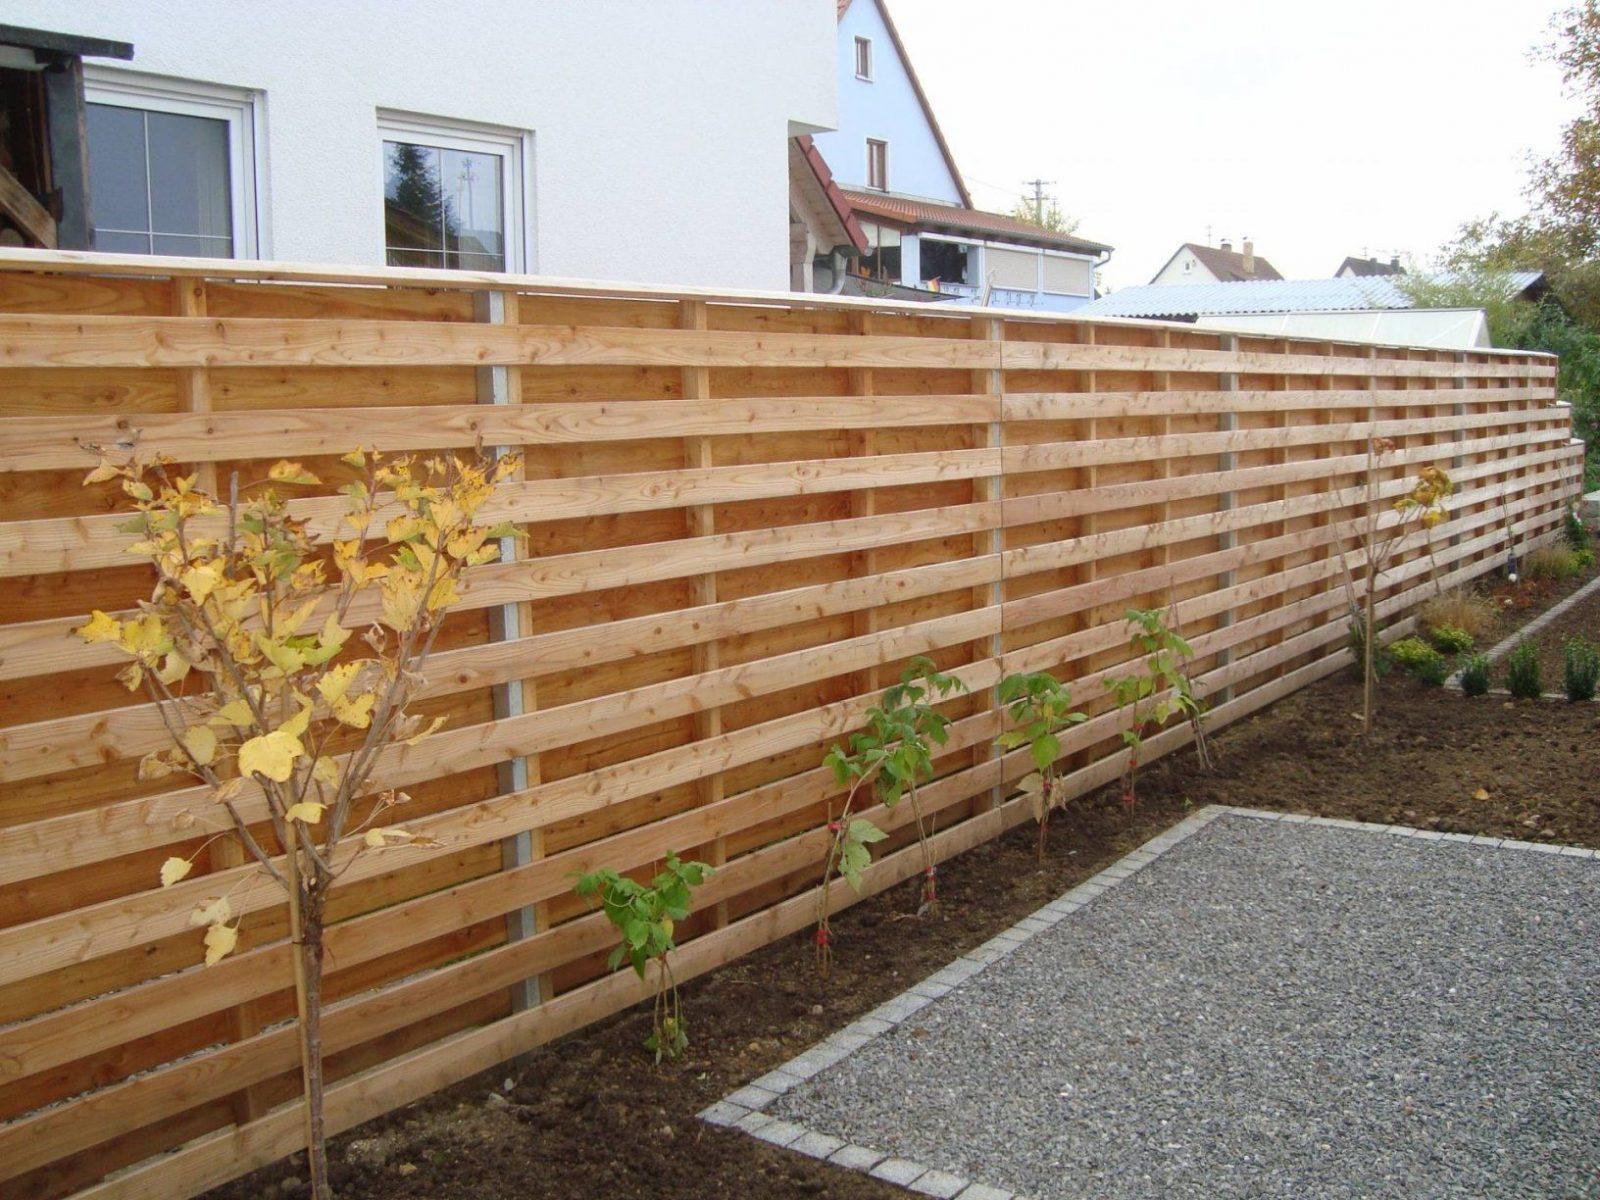 Sichtschutz Aus Holz Selber Bauen Luxus Wpc Sichtschutz Sichtschutz von Günstiger Sichtschutz Selber Bauen Photo